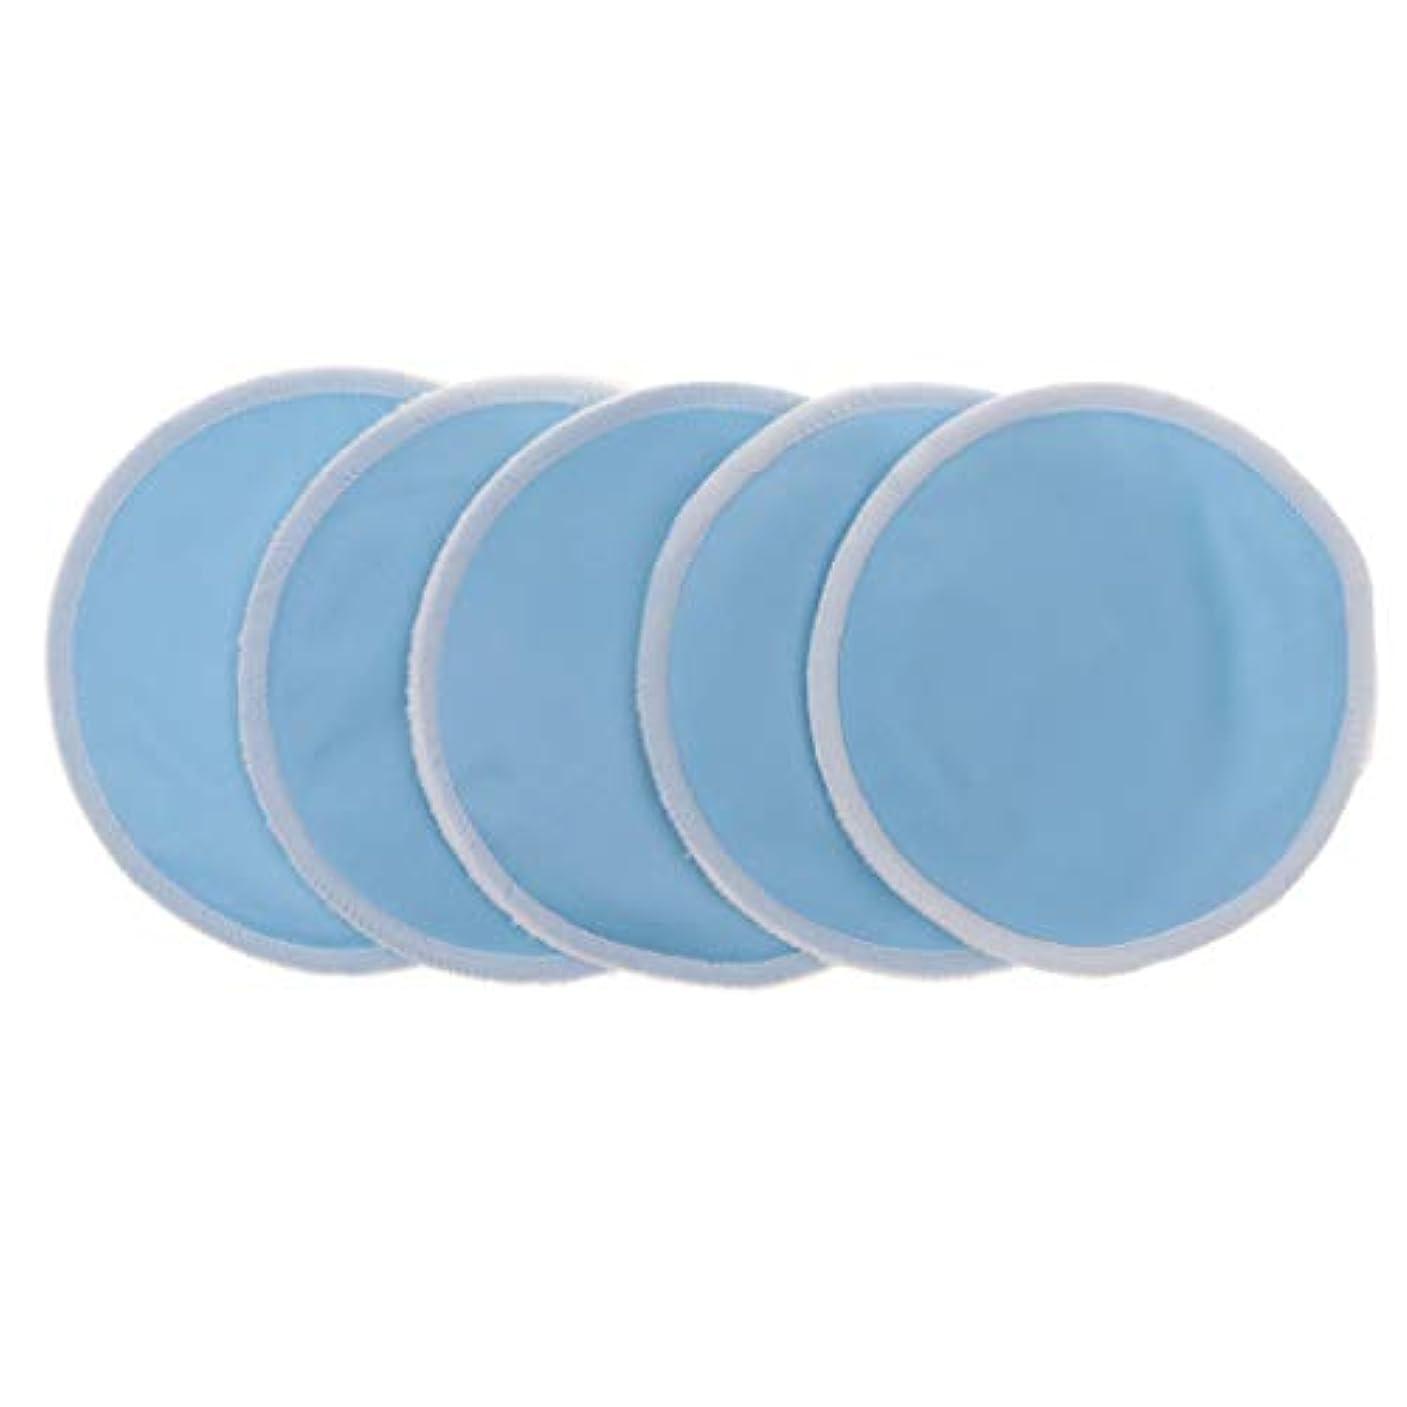 部分的に悪行の中でD DOLITY 全5色 胸パッド クレンジングシート メイクアップ 竹繊維 12cm 洗える 再使用可 実用的 5個入 - 青